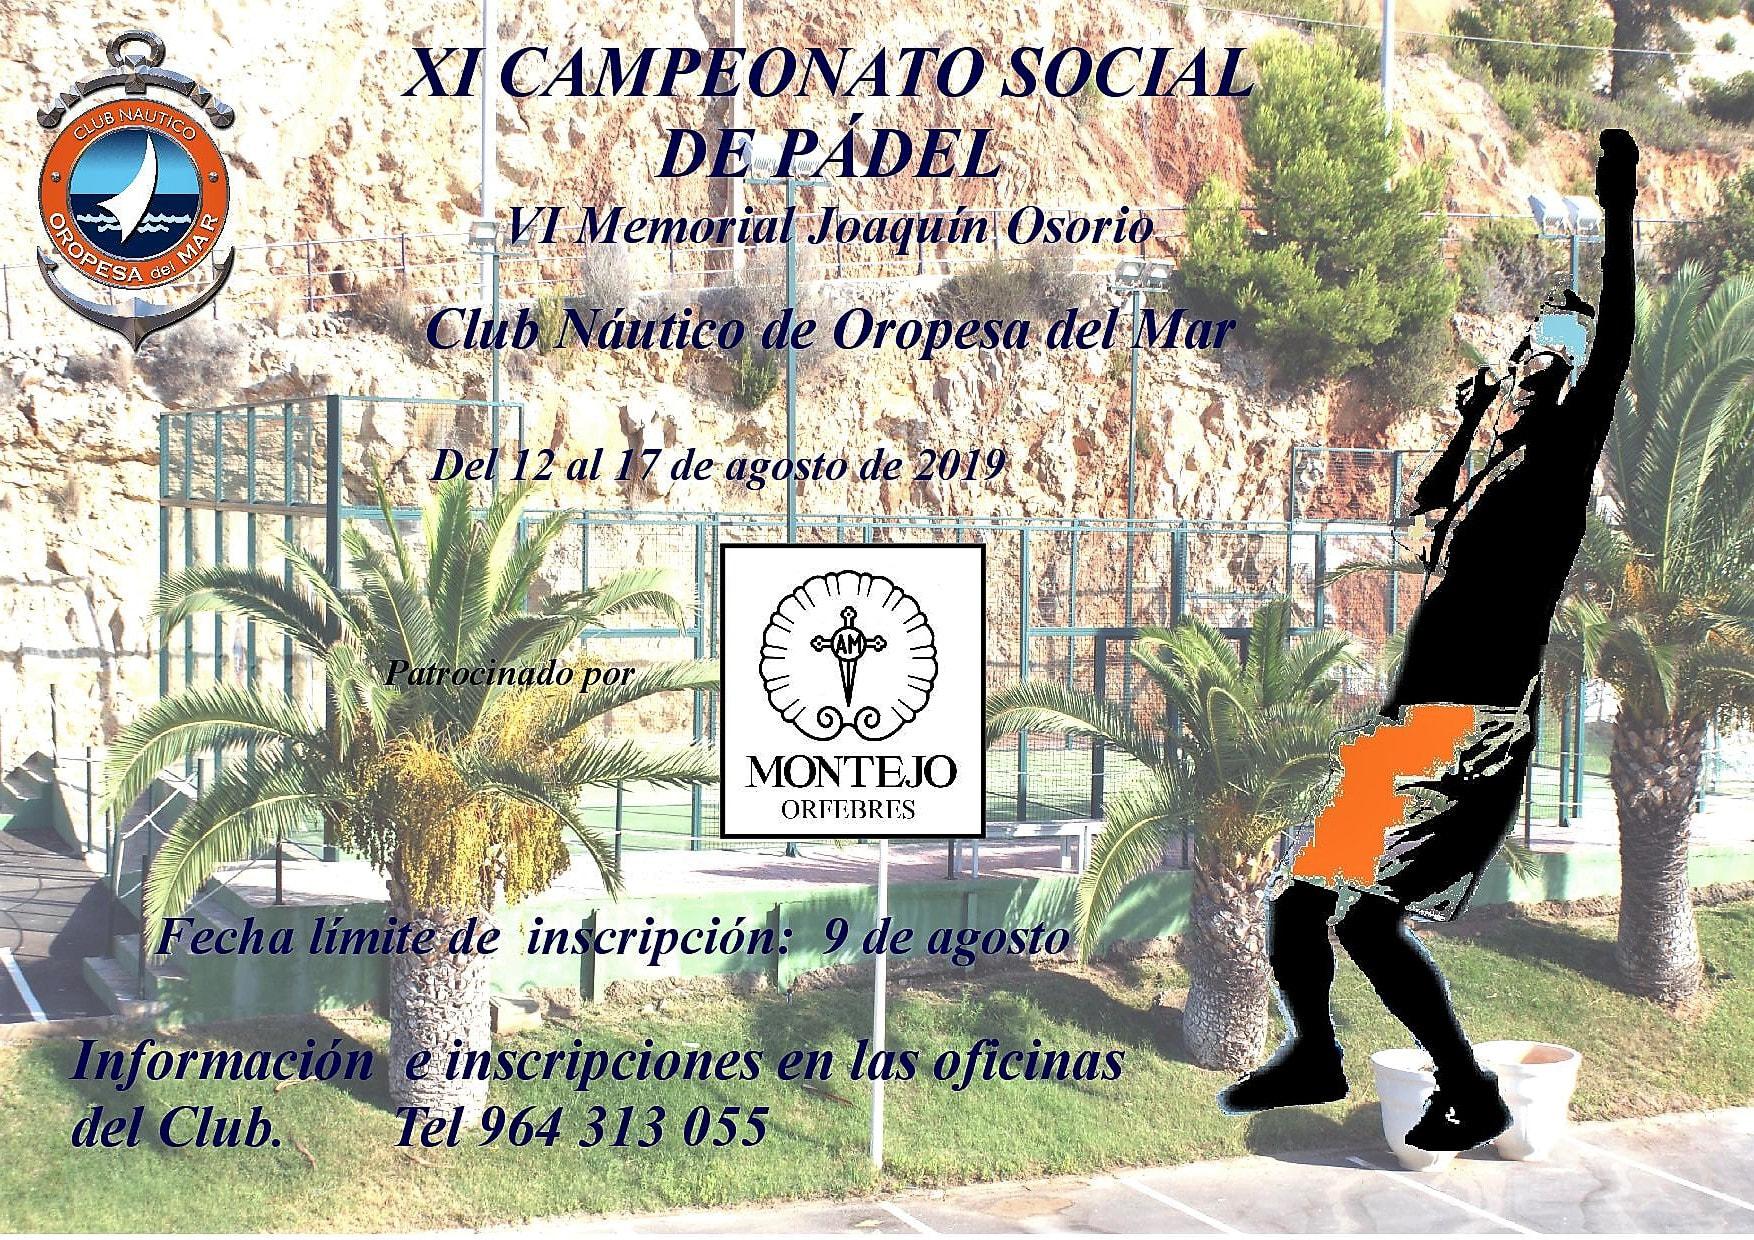 padel2019 - Campeonato social de Pádel 2019